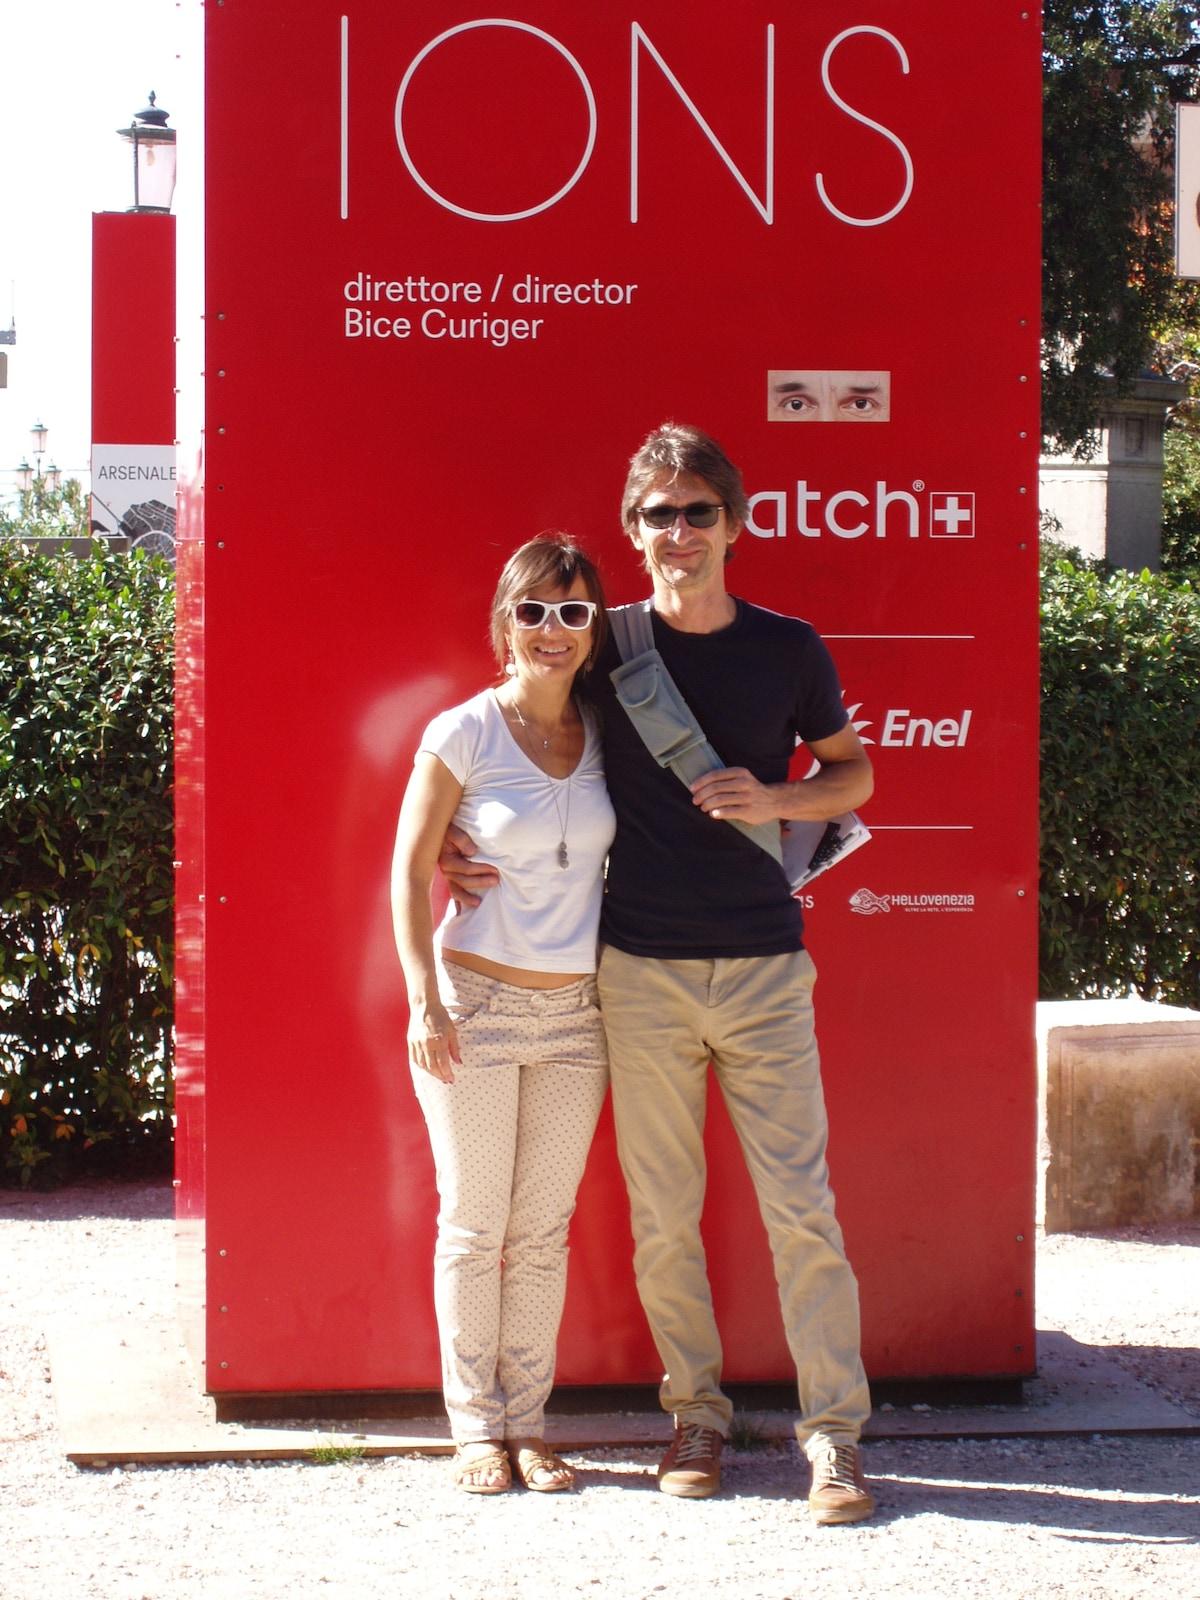 Annalisa From Rio, Italy